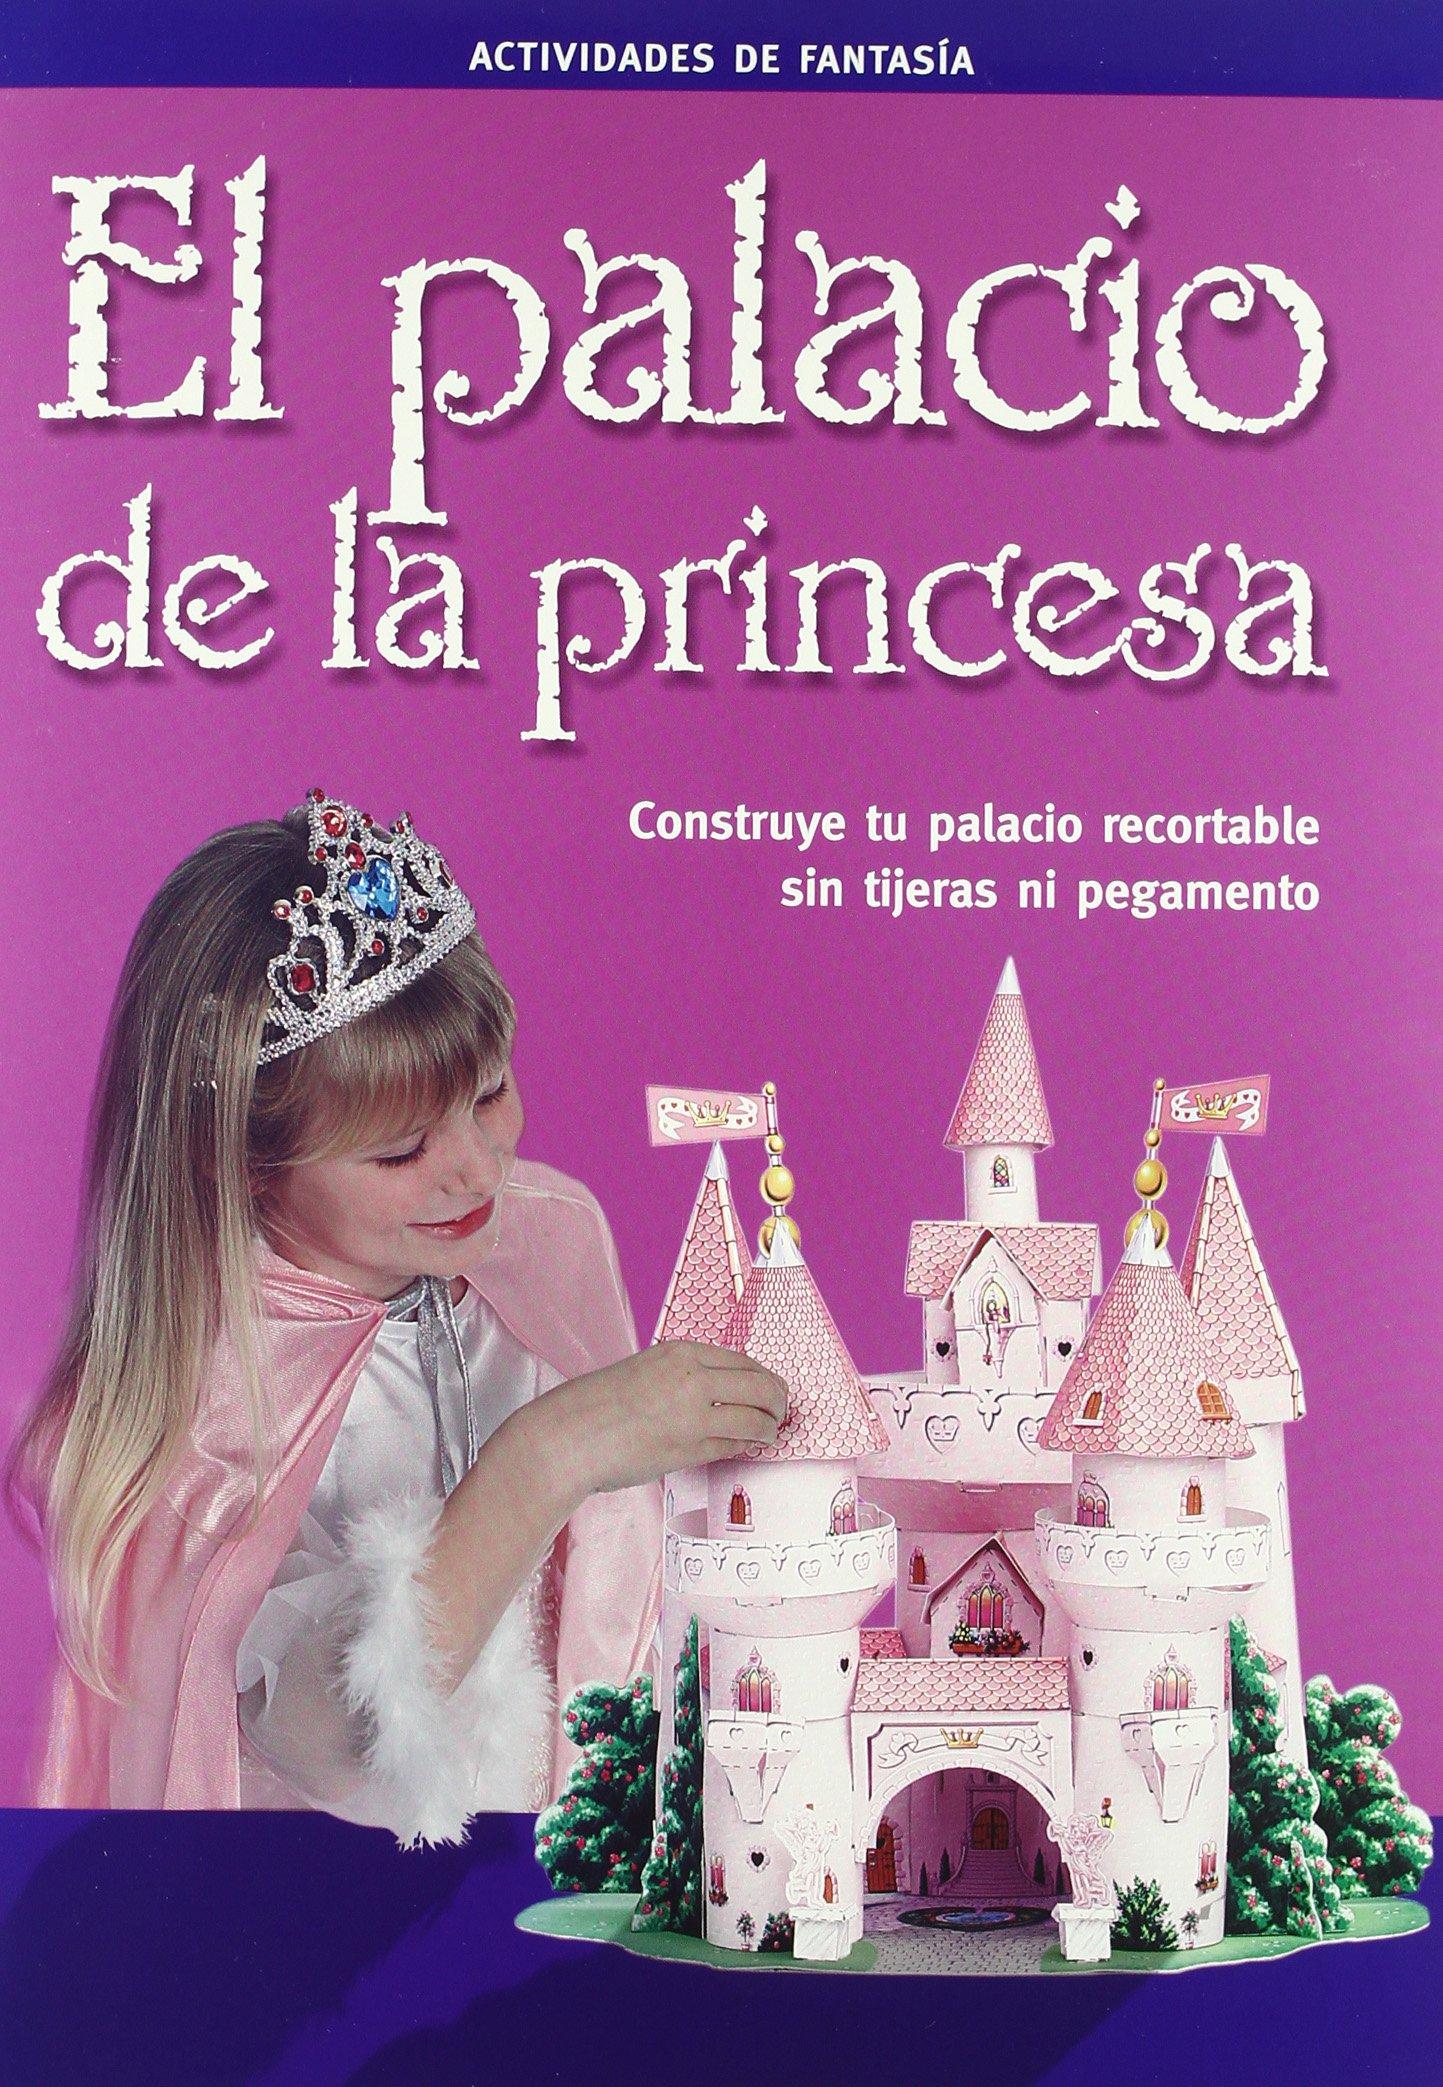 El palacio de la princesa (Infantil Y Juvenil): Amazon.es: Lisa Regan, Jon Mitchell, Consuelo Gallego Perales: Libros